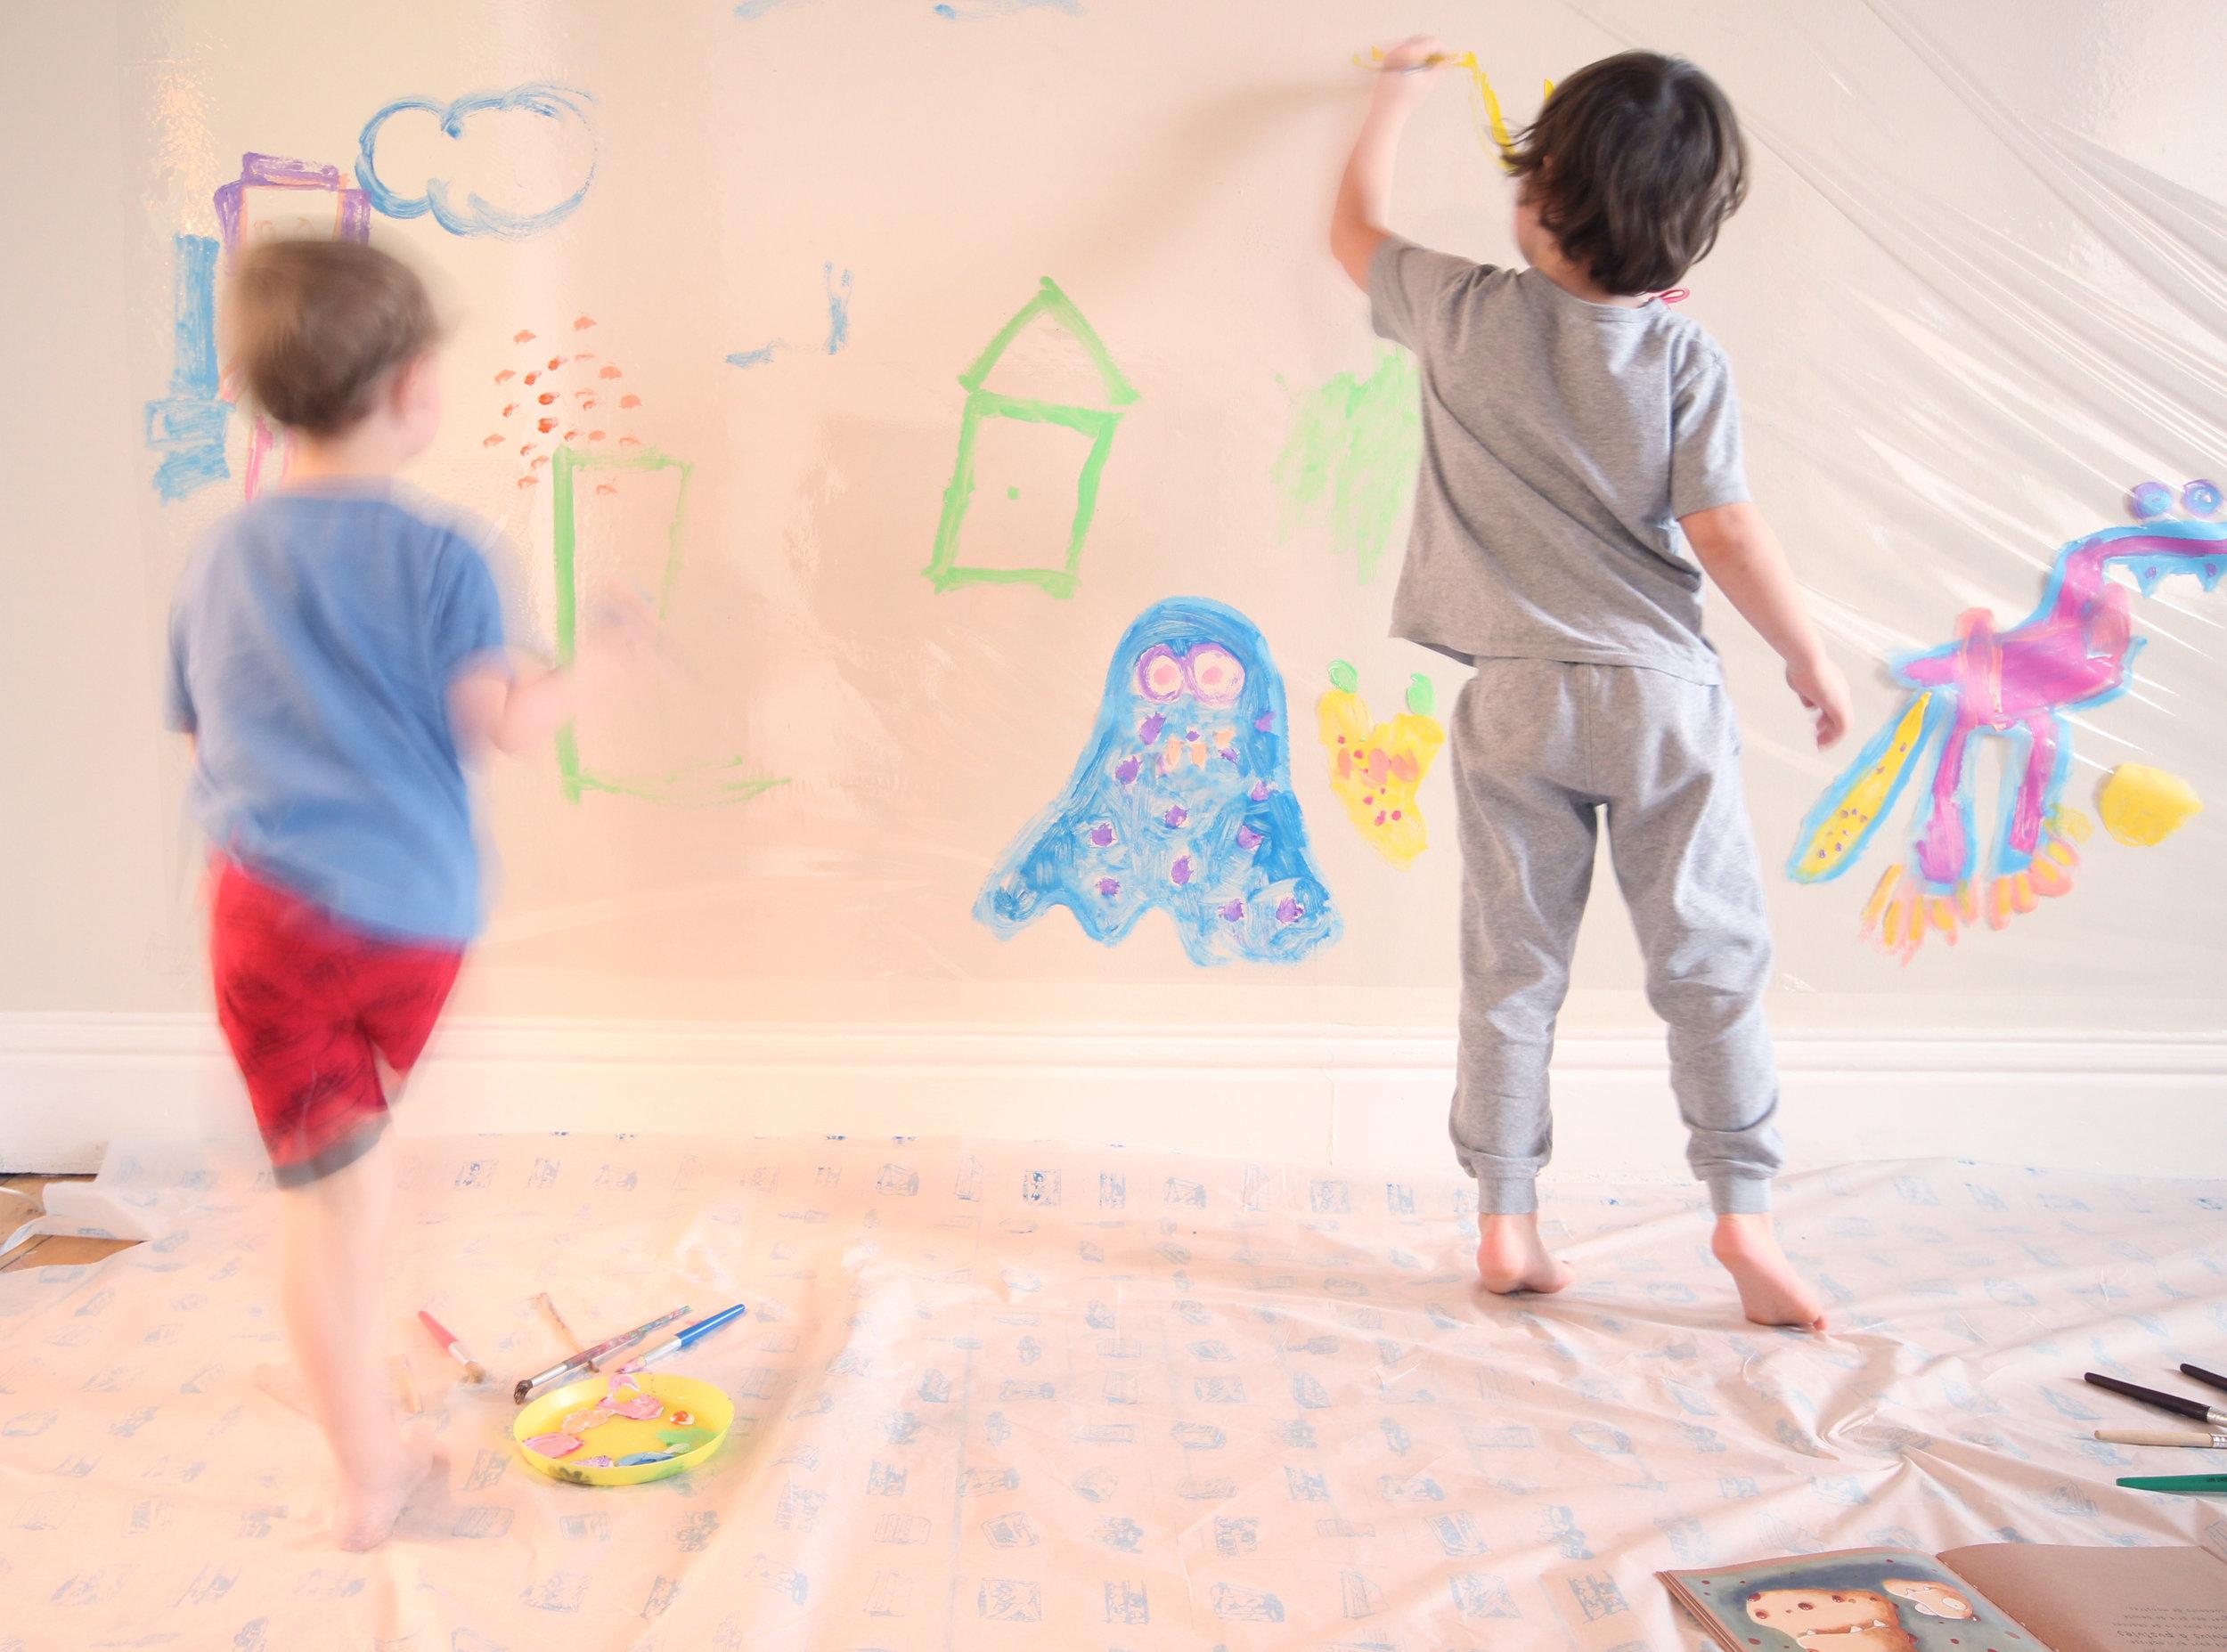 murale-plastique-03.jpg